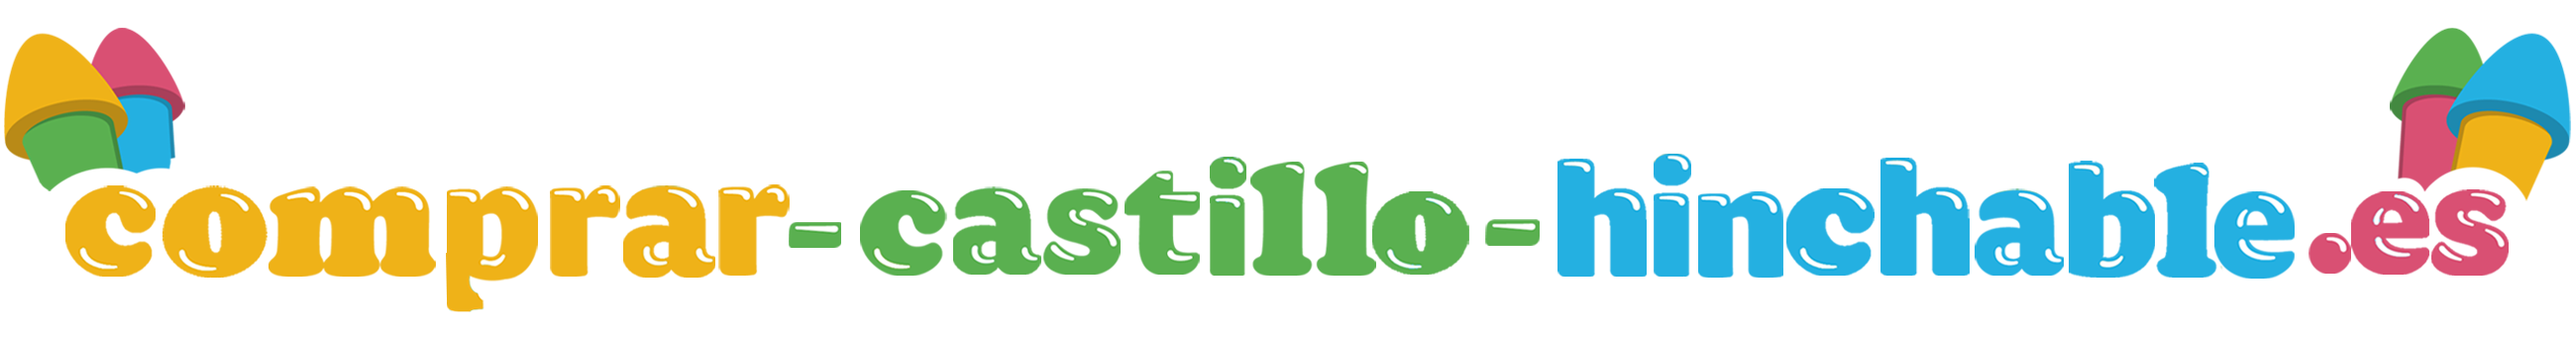 logo_es längs